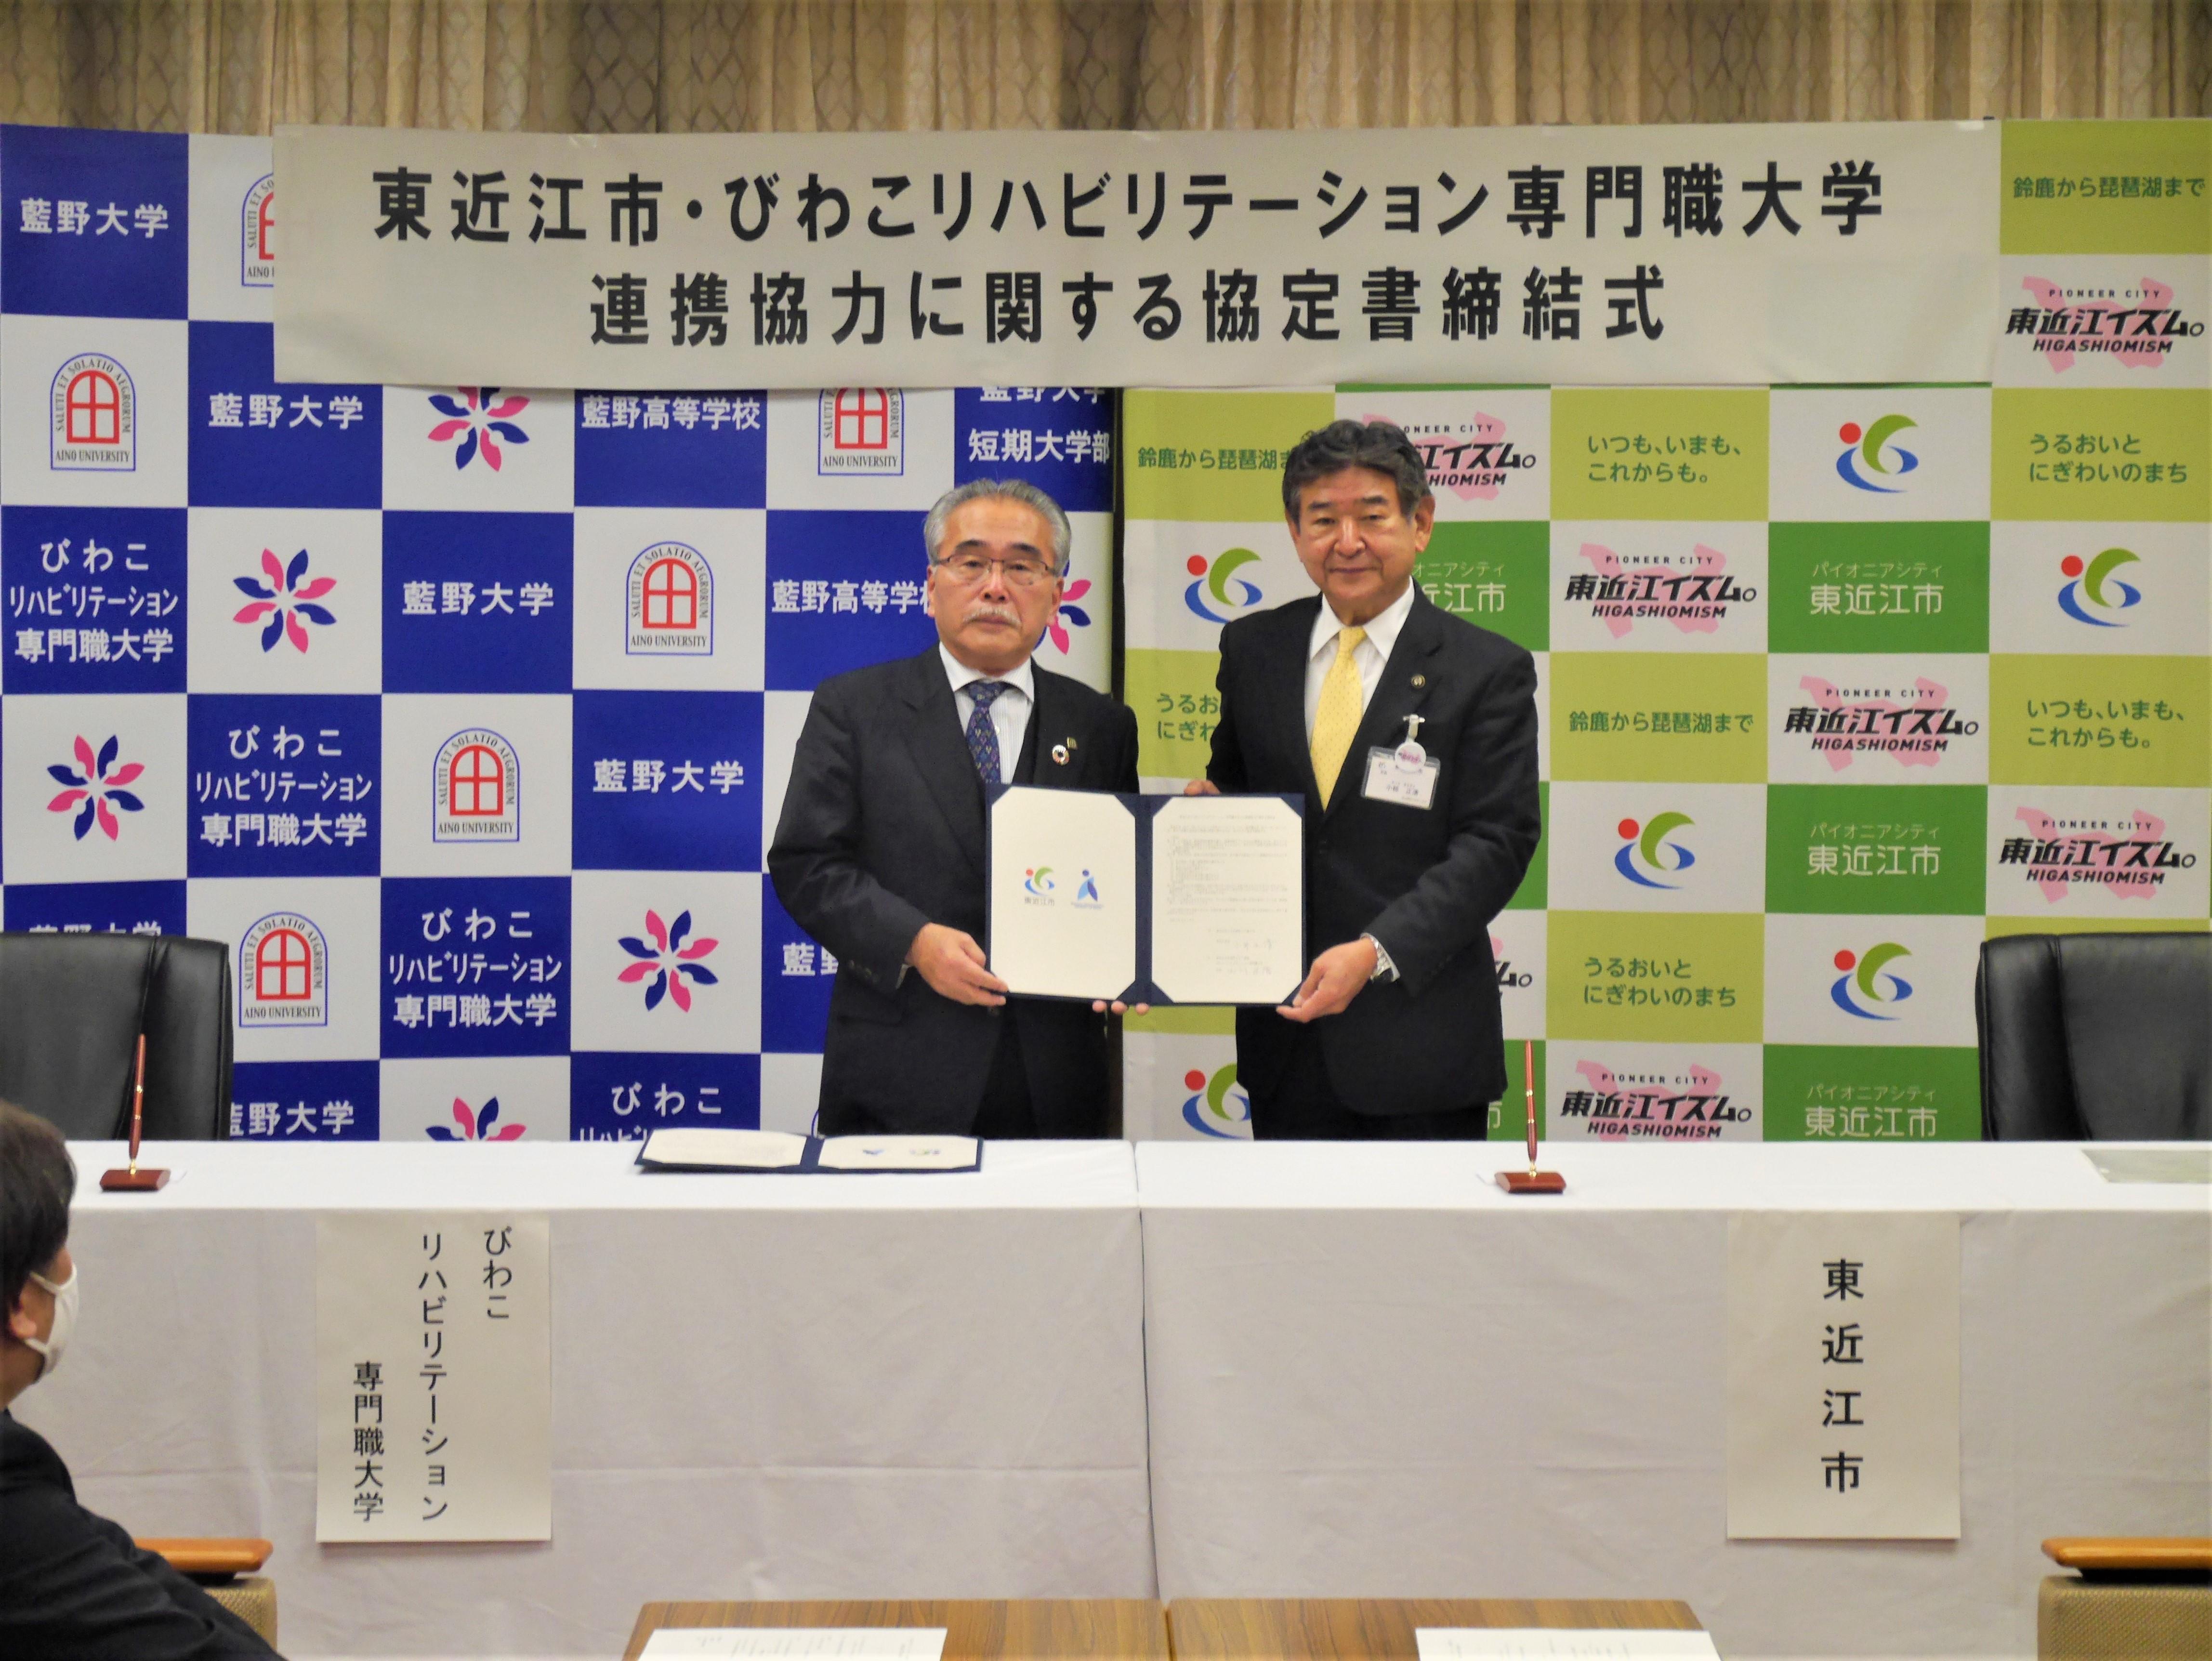 『連携協力に関する協定』 -- びわこリハビリテーション専門職大学と東近江市が2月18日に協定調印式